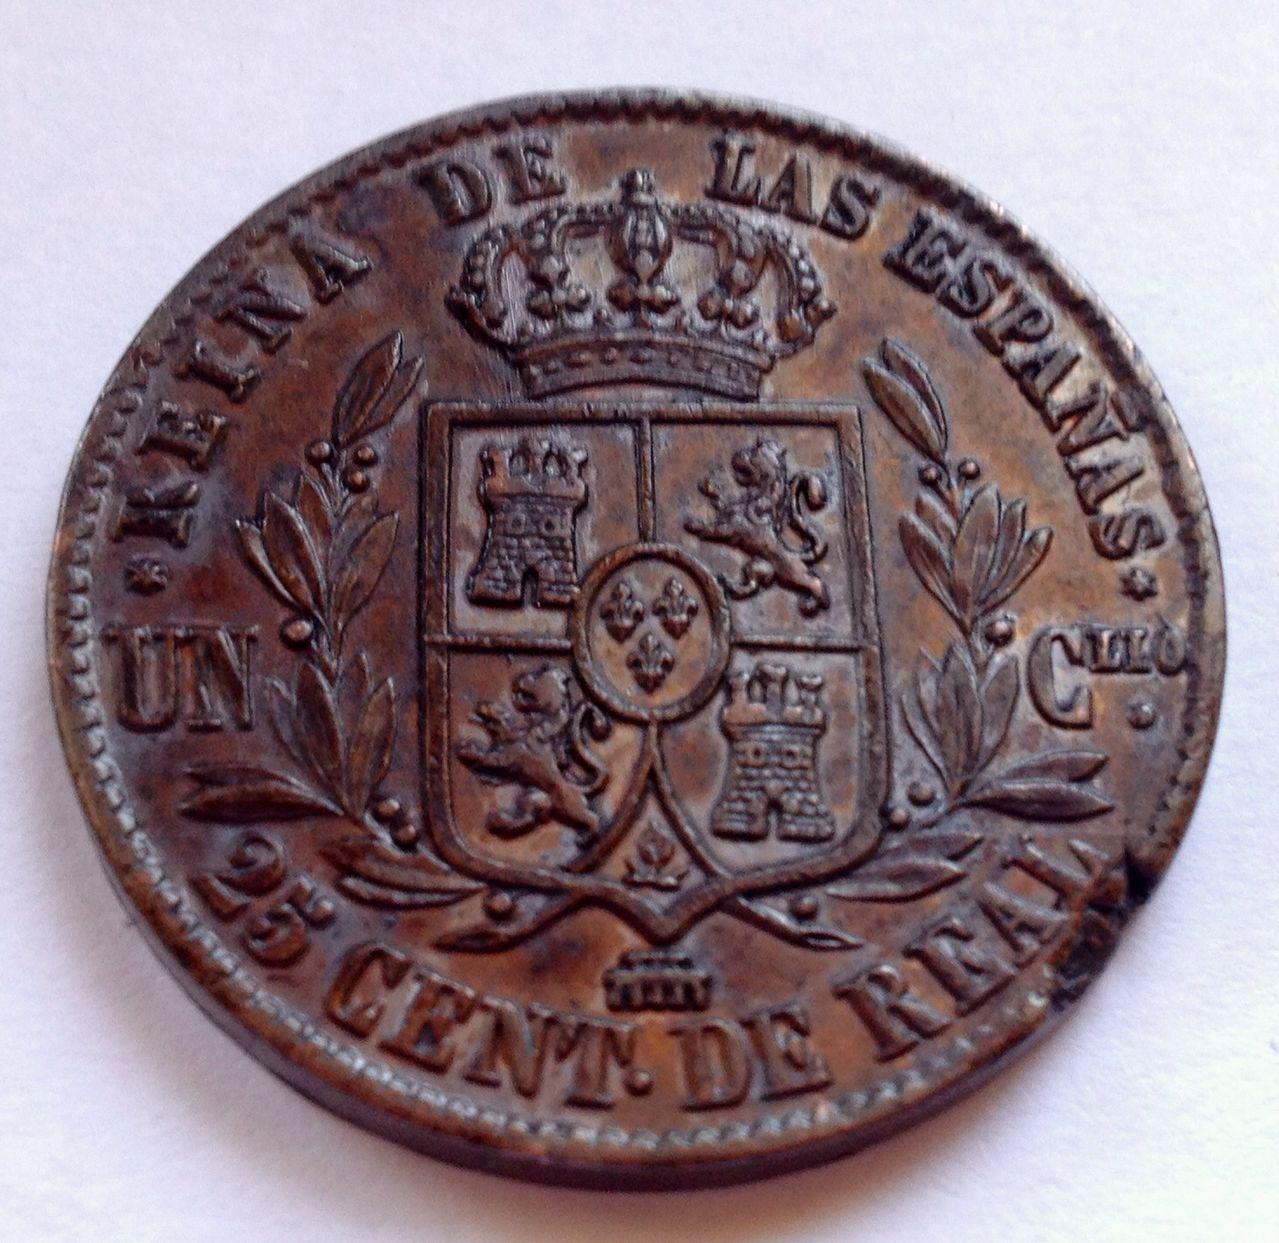 25 céntimos de real- un cuartillo 1855 Isabel II ¿error? Image